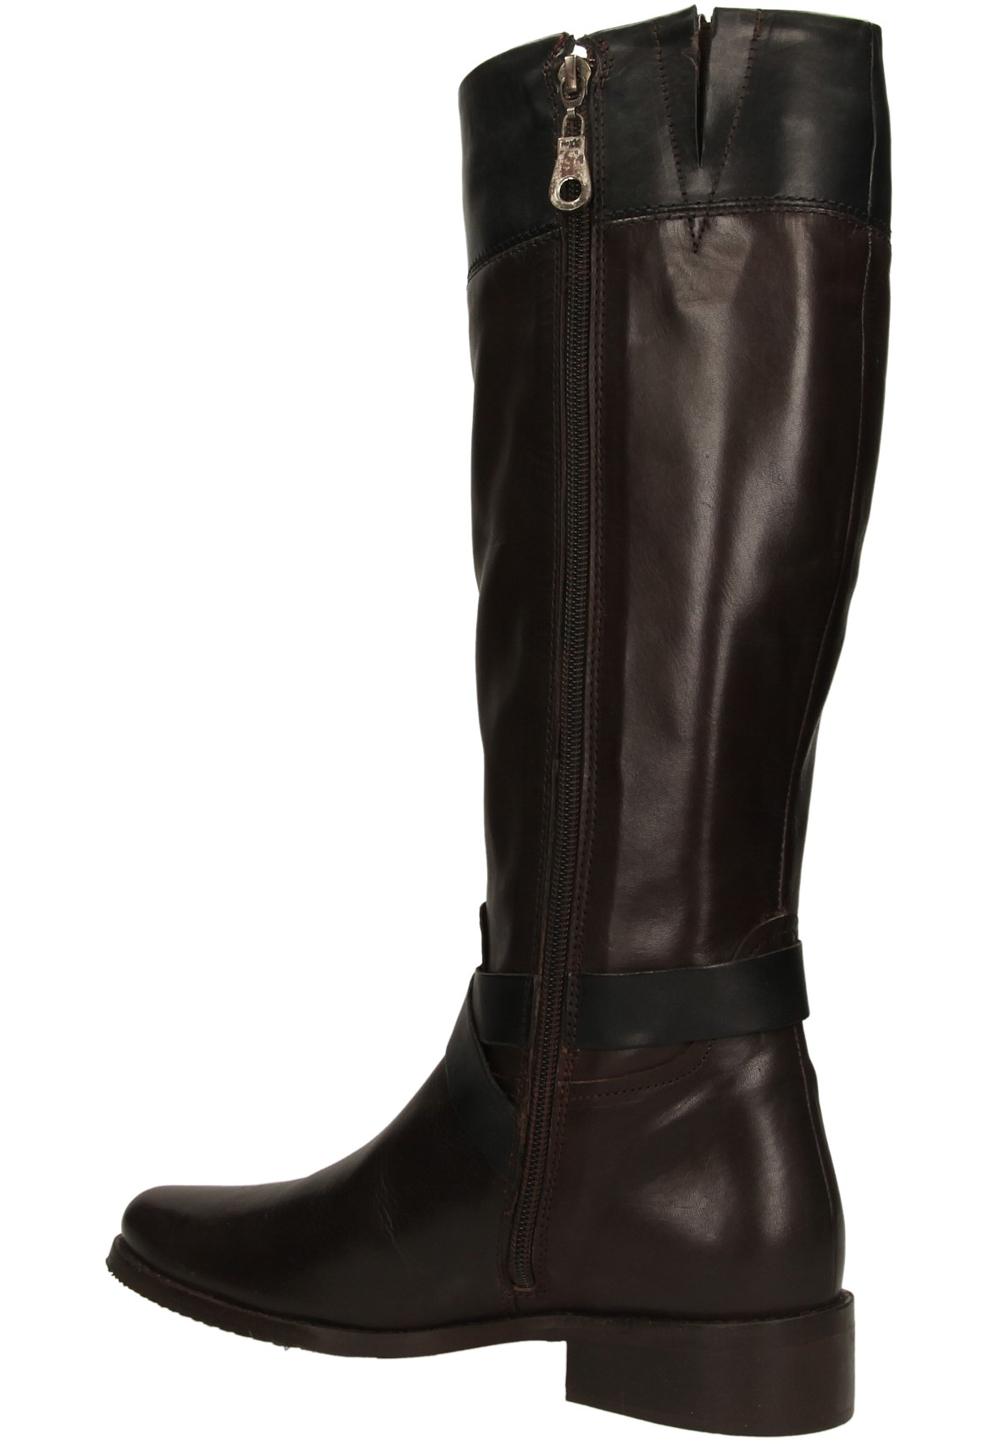 KOZAKI MEXX 10000253 kolor ciemny brązowy, czarny